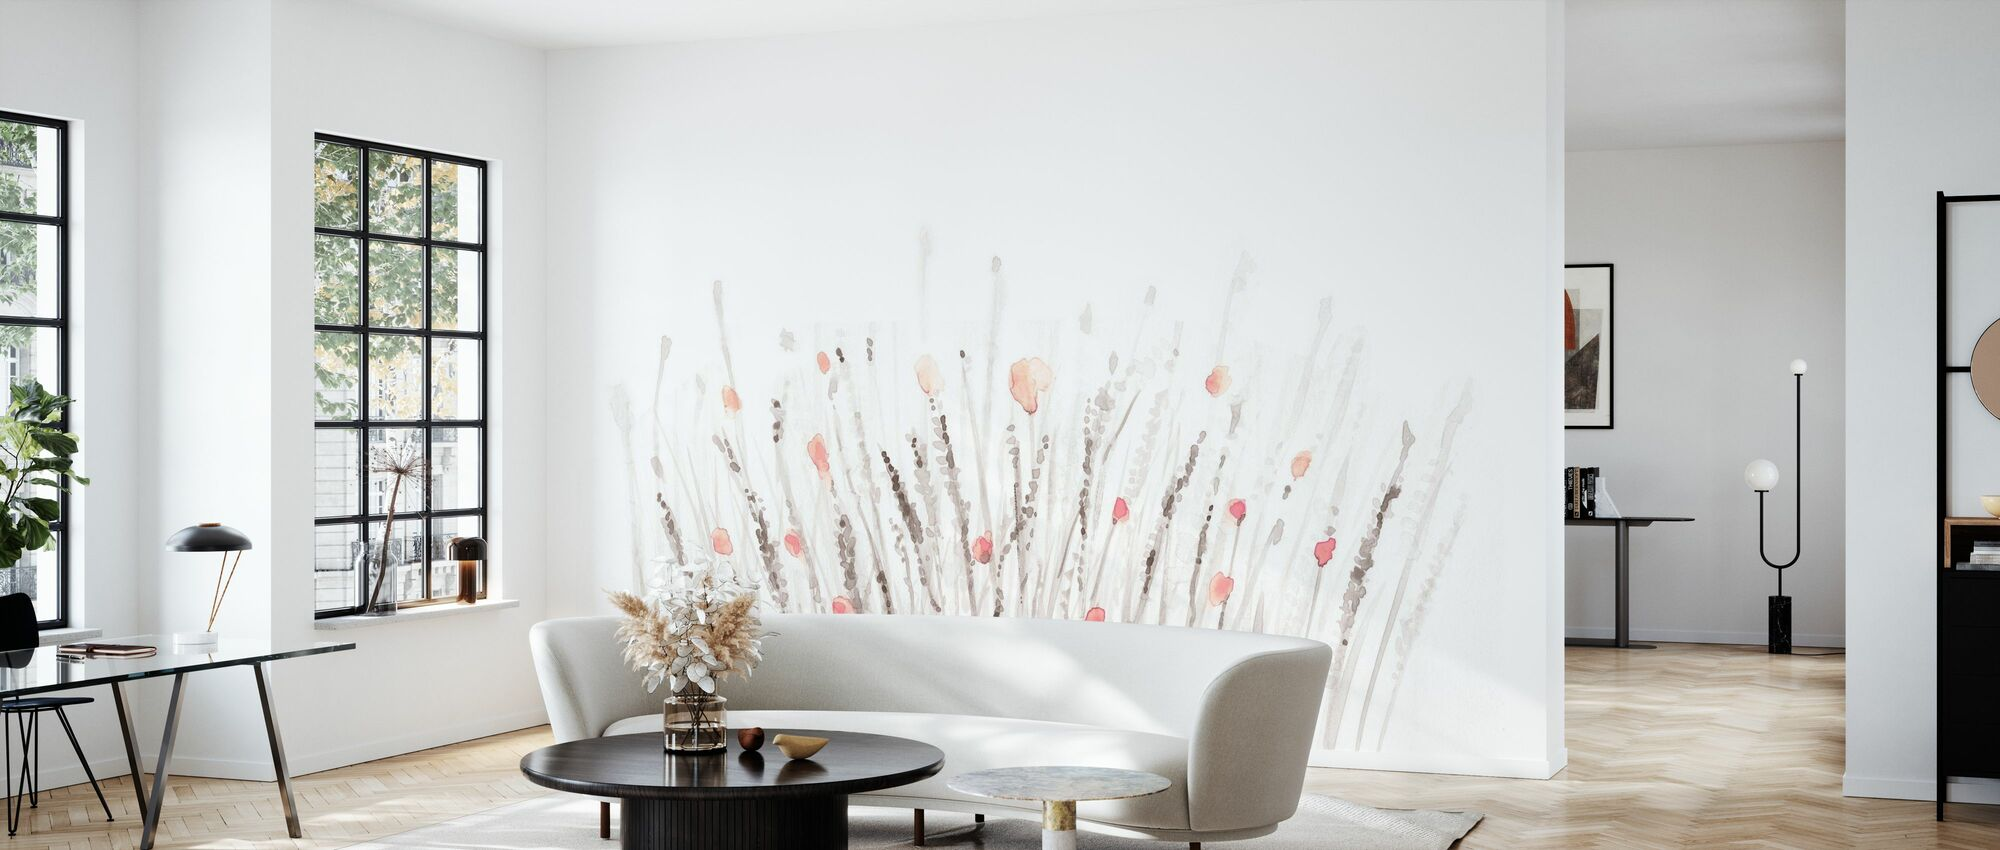 Boho Poppies - Wallpaper - Living Room